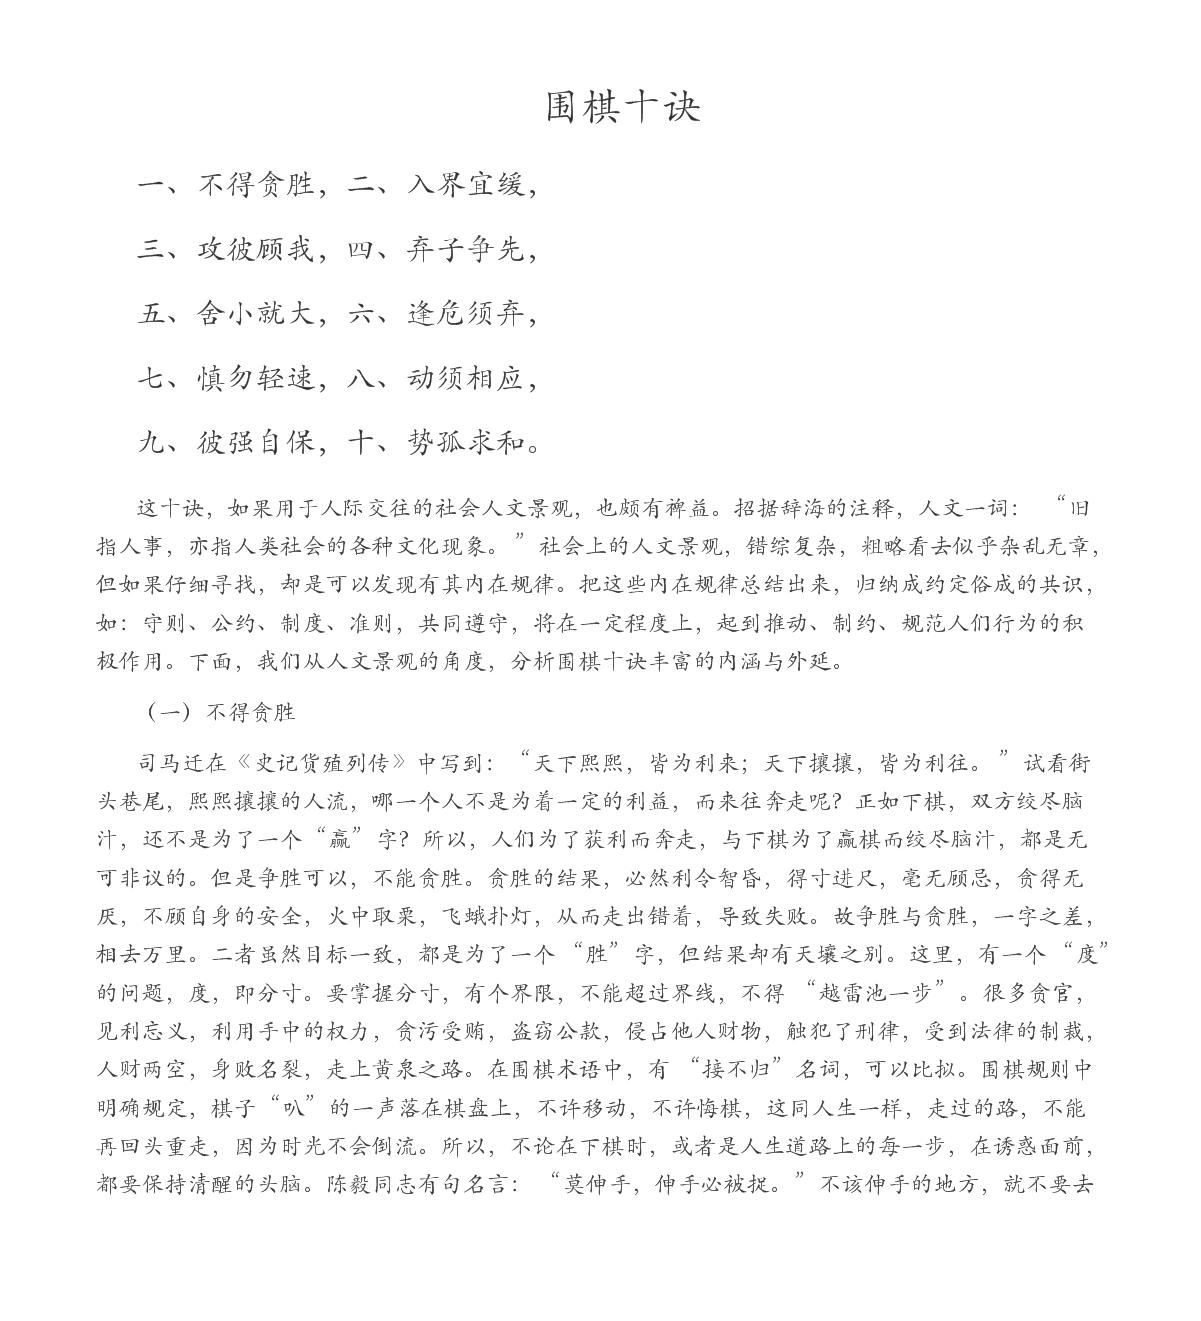 围棋十诀和围棋入门教程(献给初学者).doc